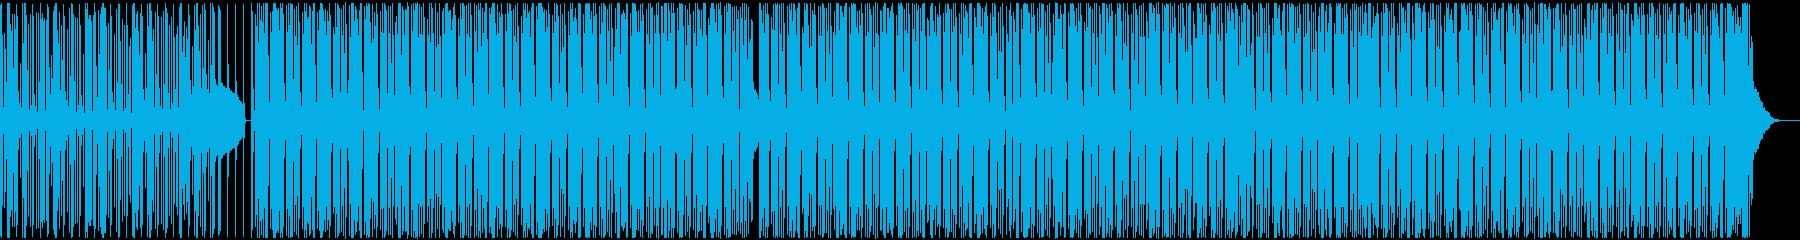 クイズのシンキングタイム的BGMの再生済みの波形